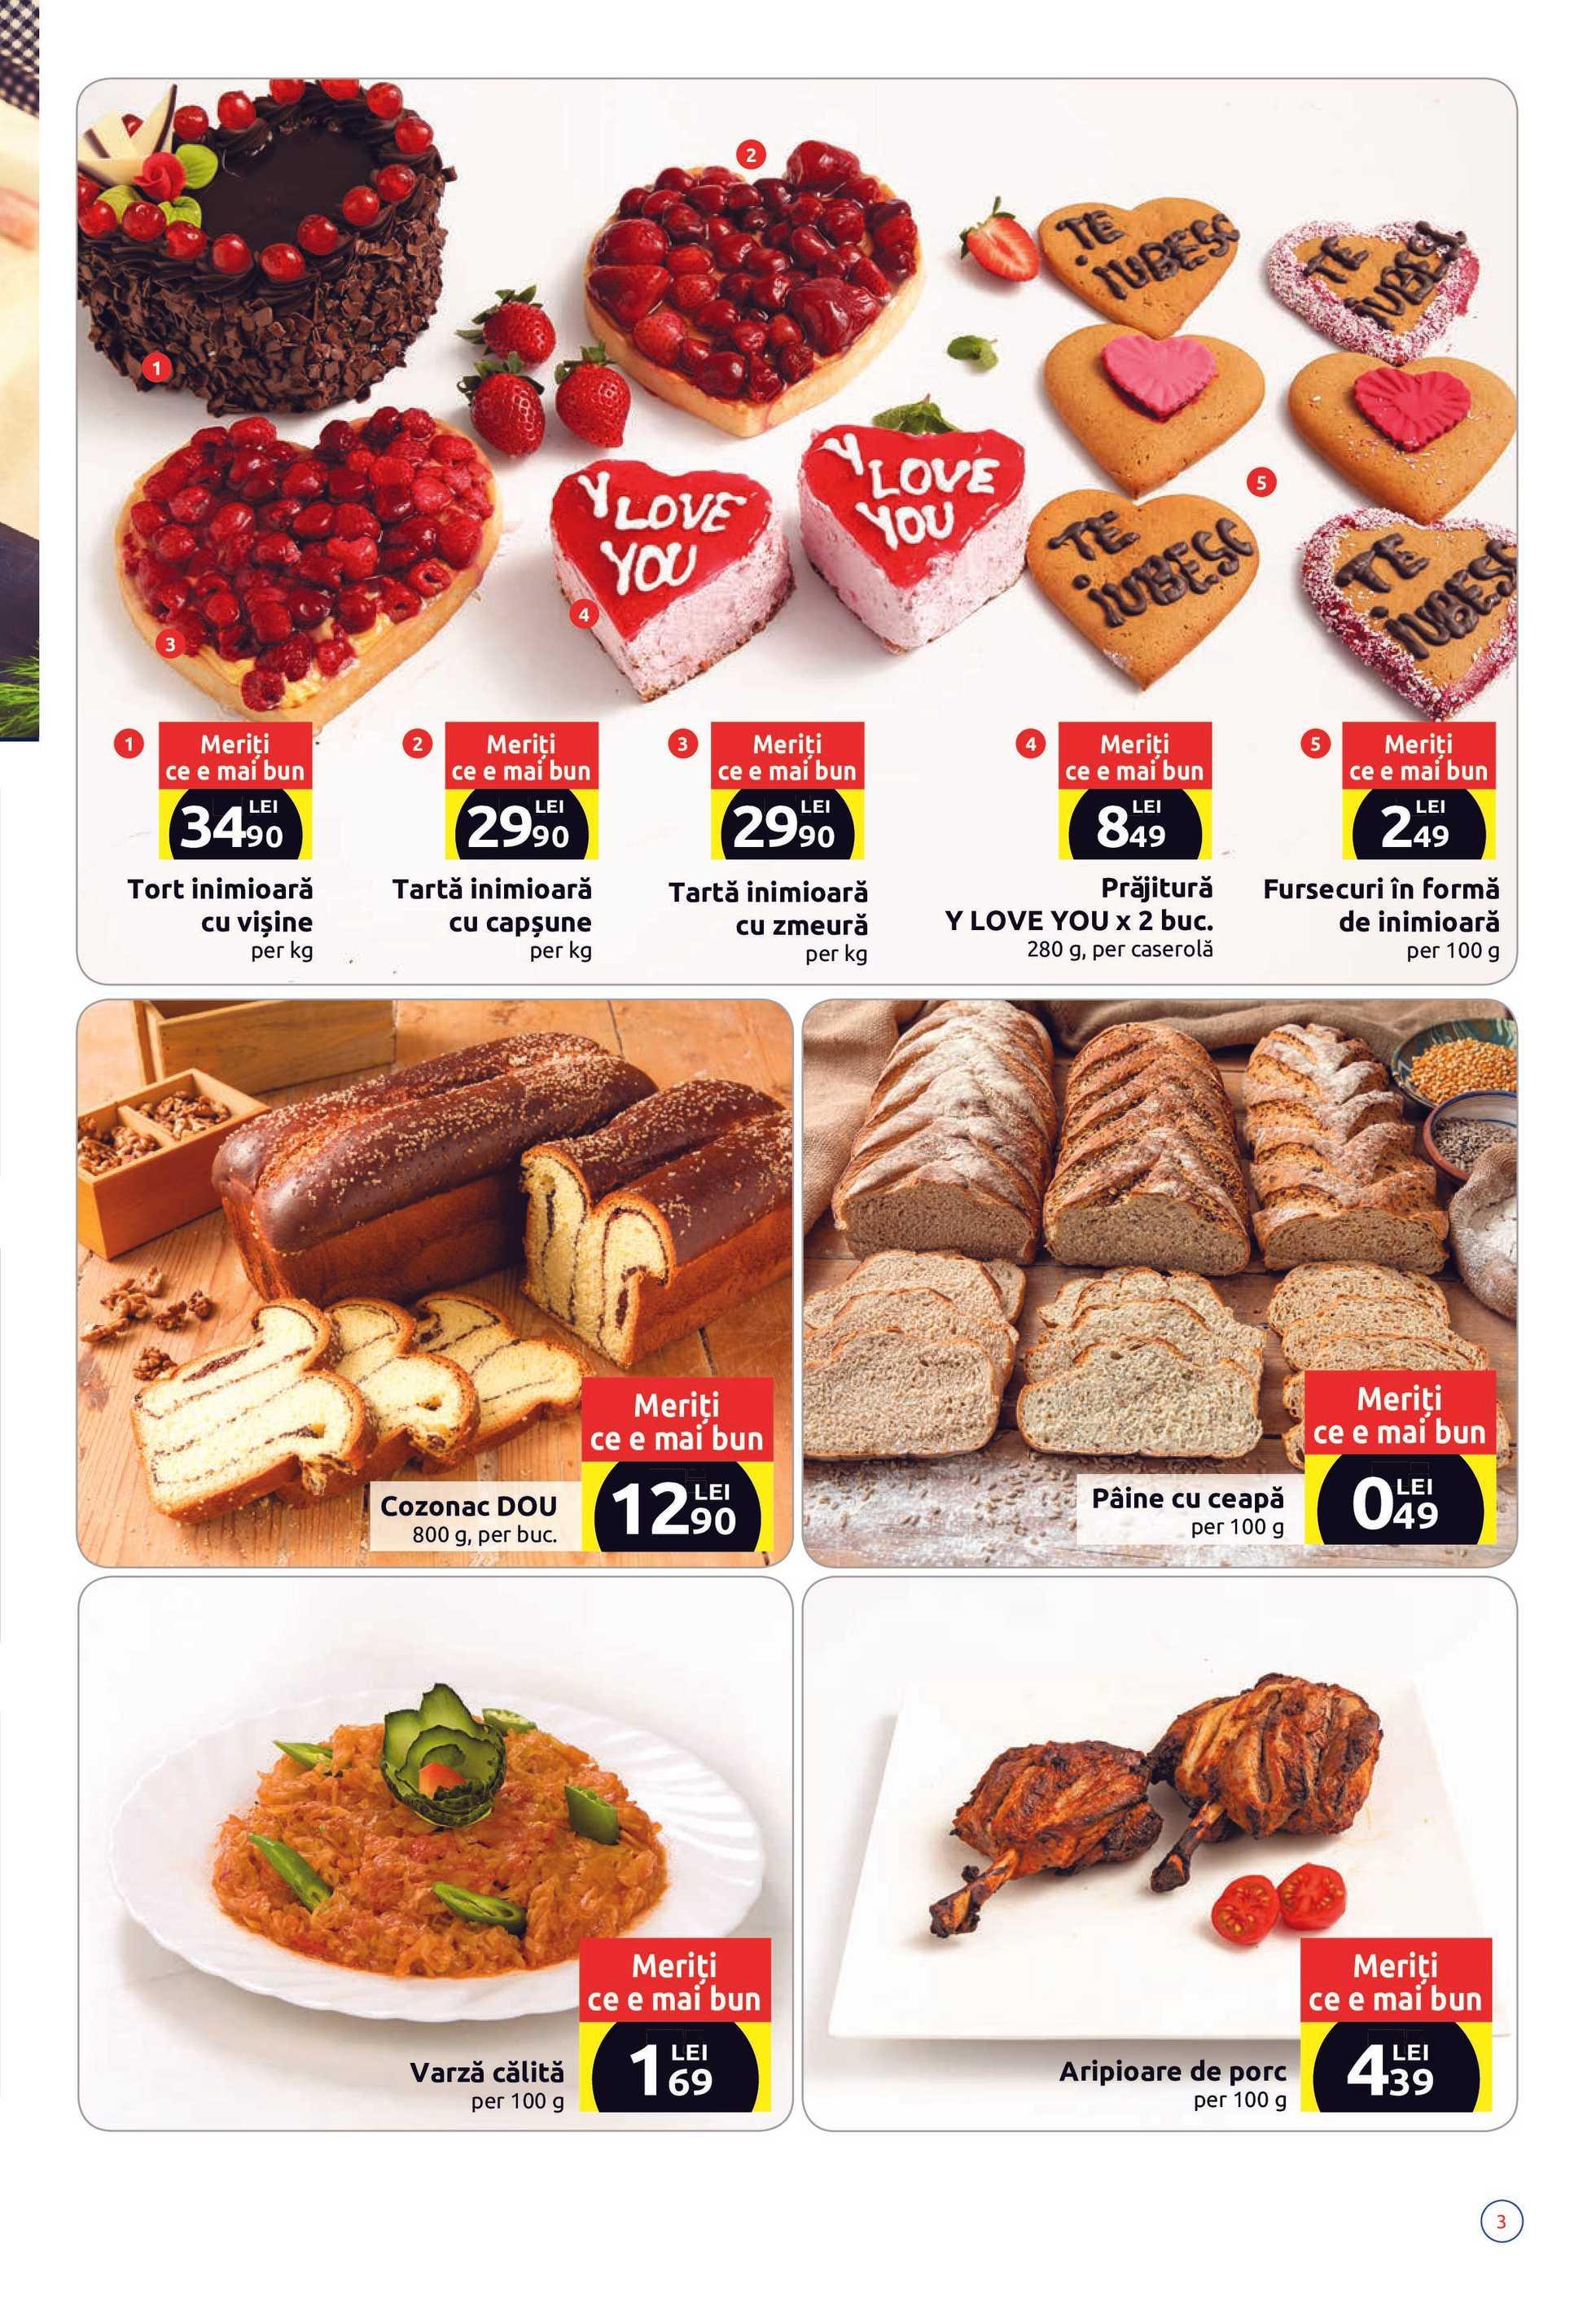 Carrefour - promo începând de la 13.02.2020 până la 19.02.2020 - pagină 3.